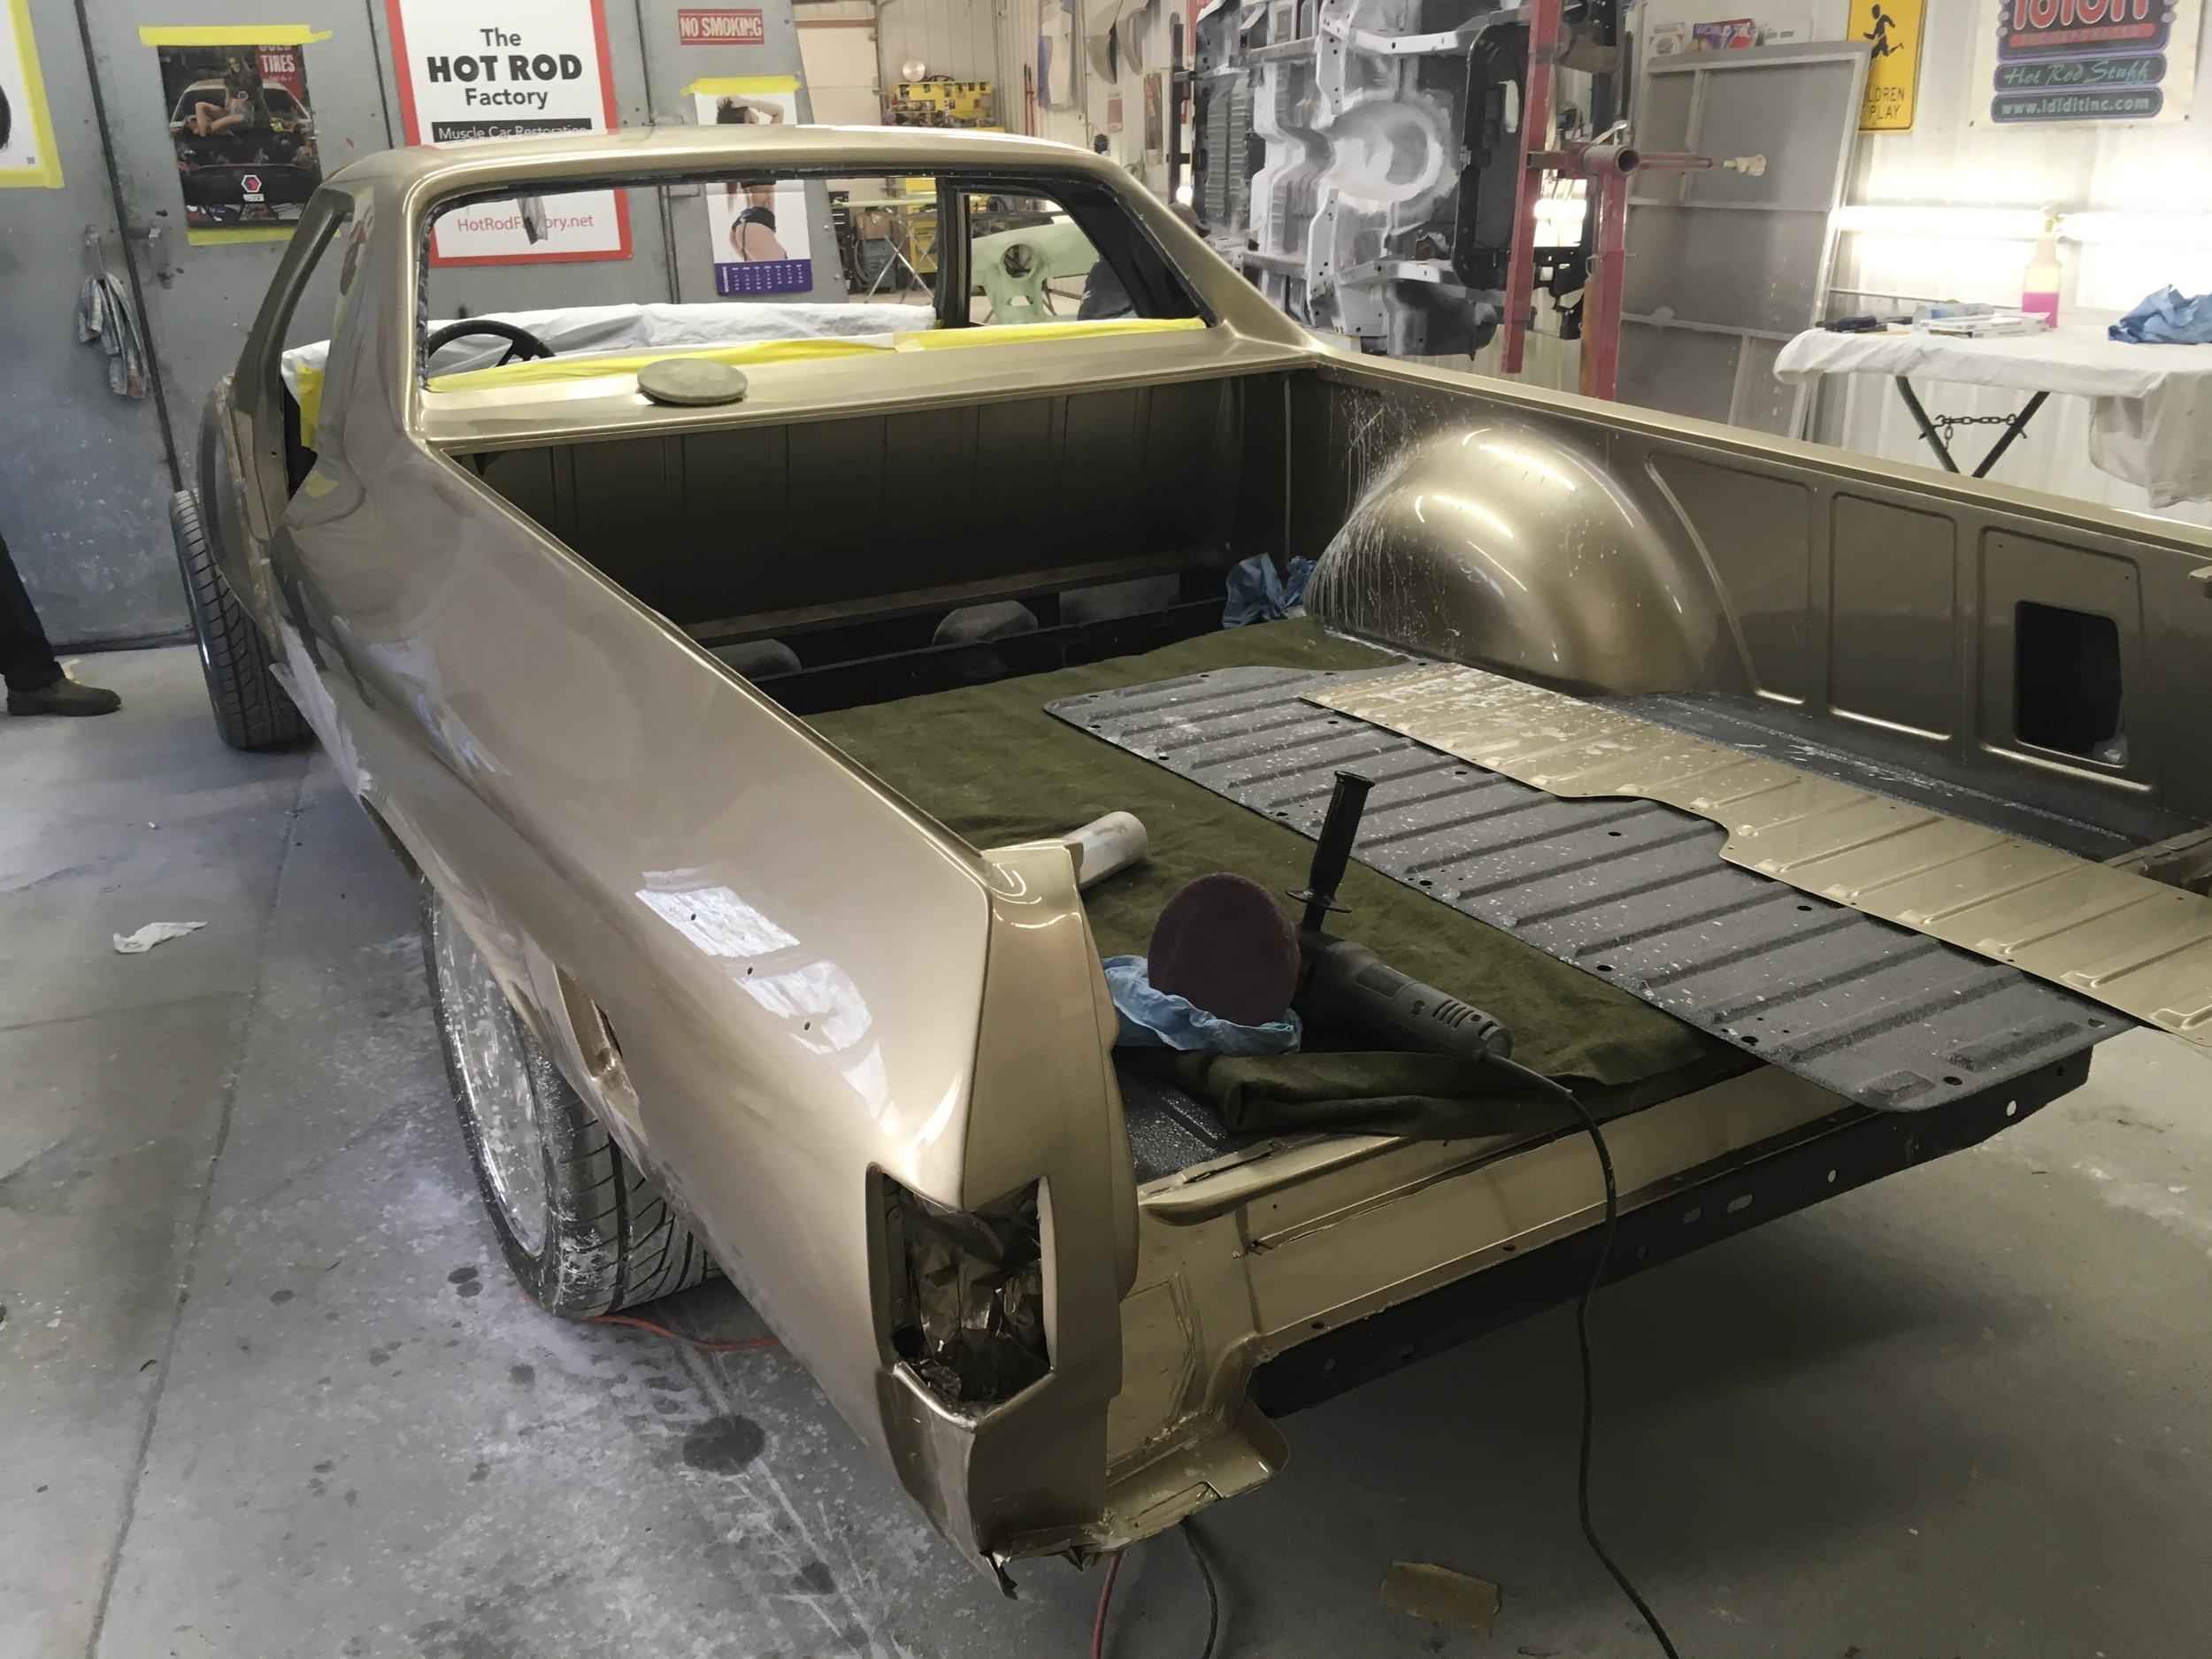 1968-El-Camino-minneapolis-hot-rod-restoration-custom-build-17.jpg